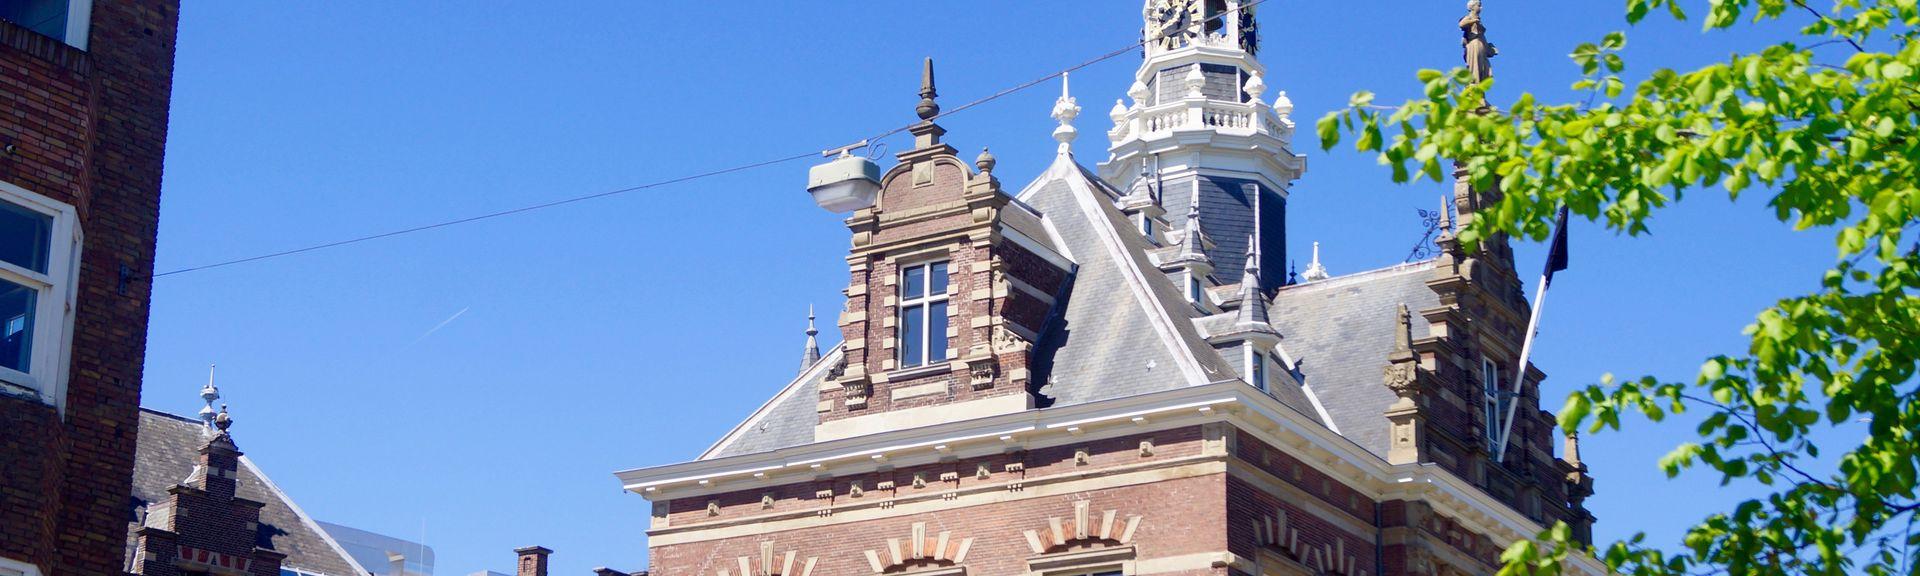 Amsterdam-Zuid, Amsterdam, Noord-Holland, Nederland